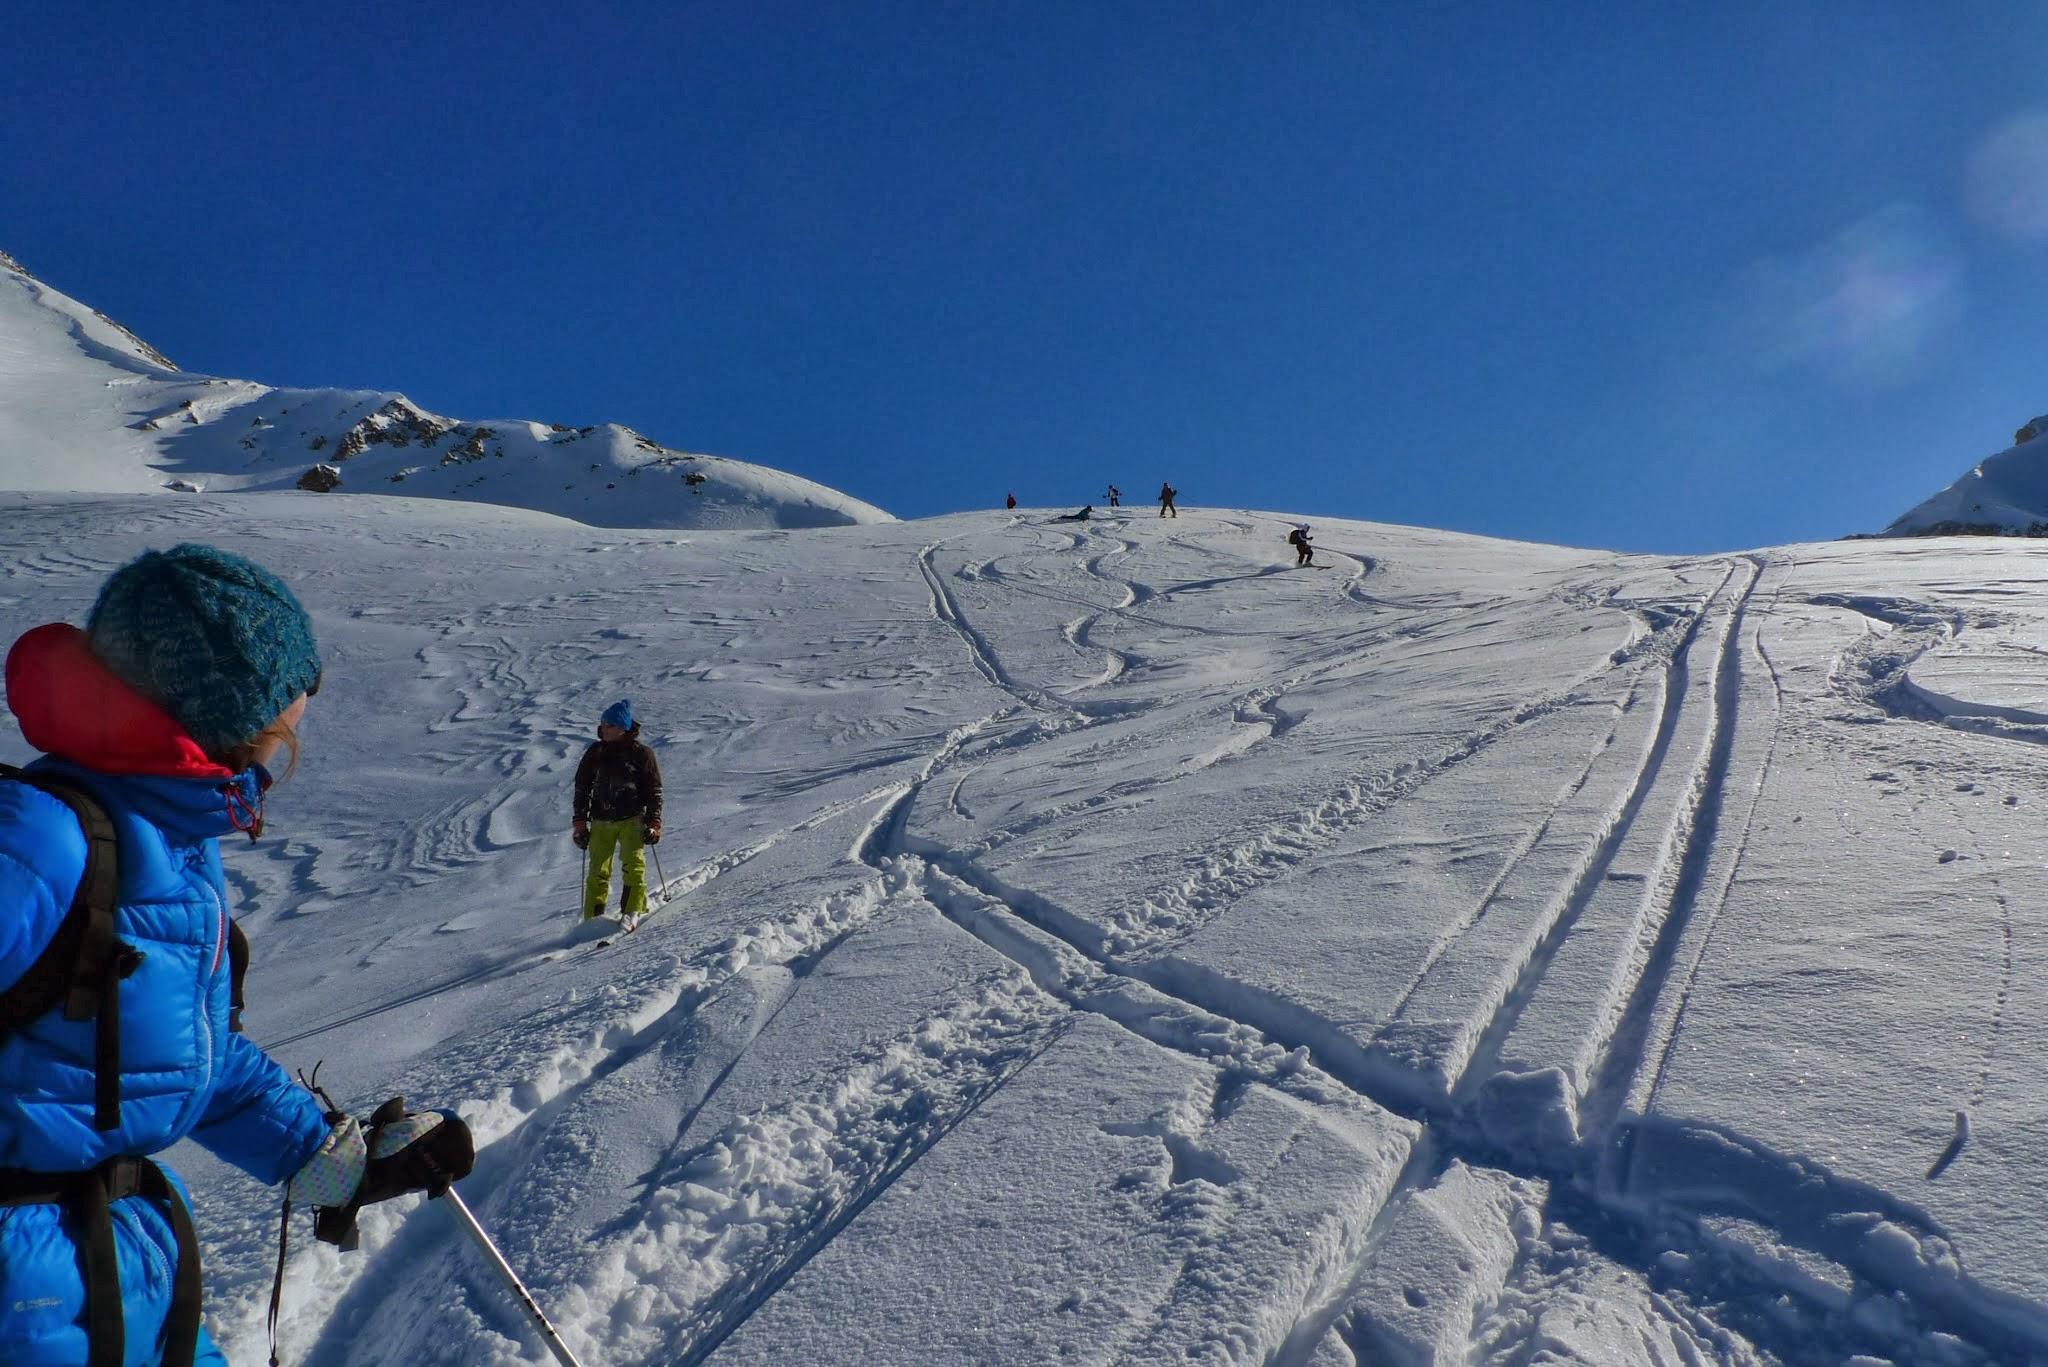 Une descente hors piste durant une demi-journée initiation aux hors piste dans le Queyras à Molines.